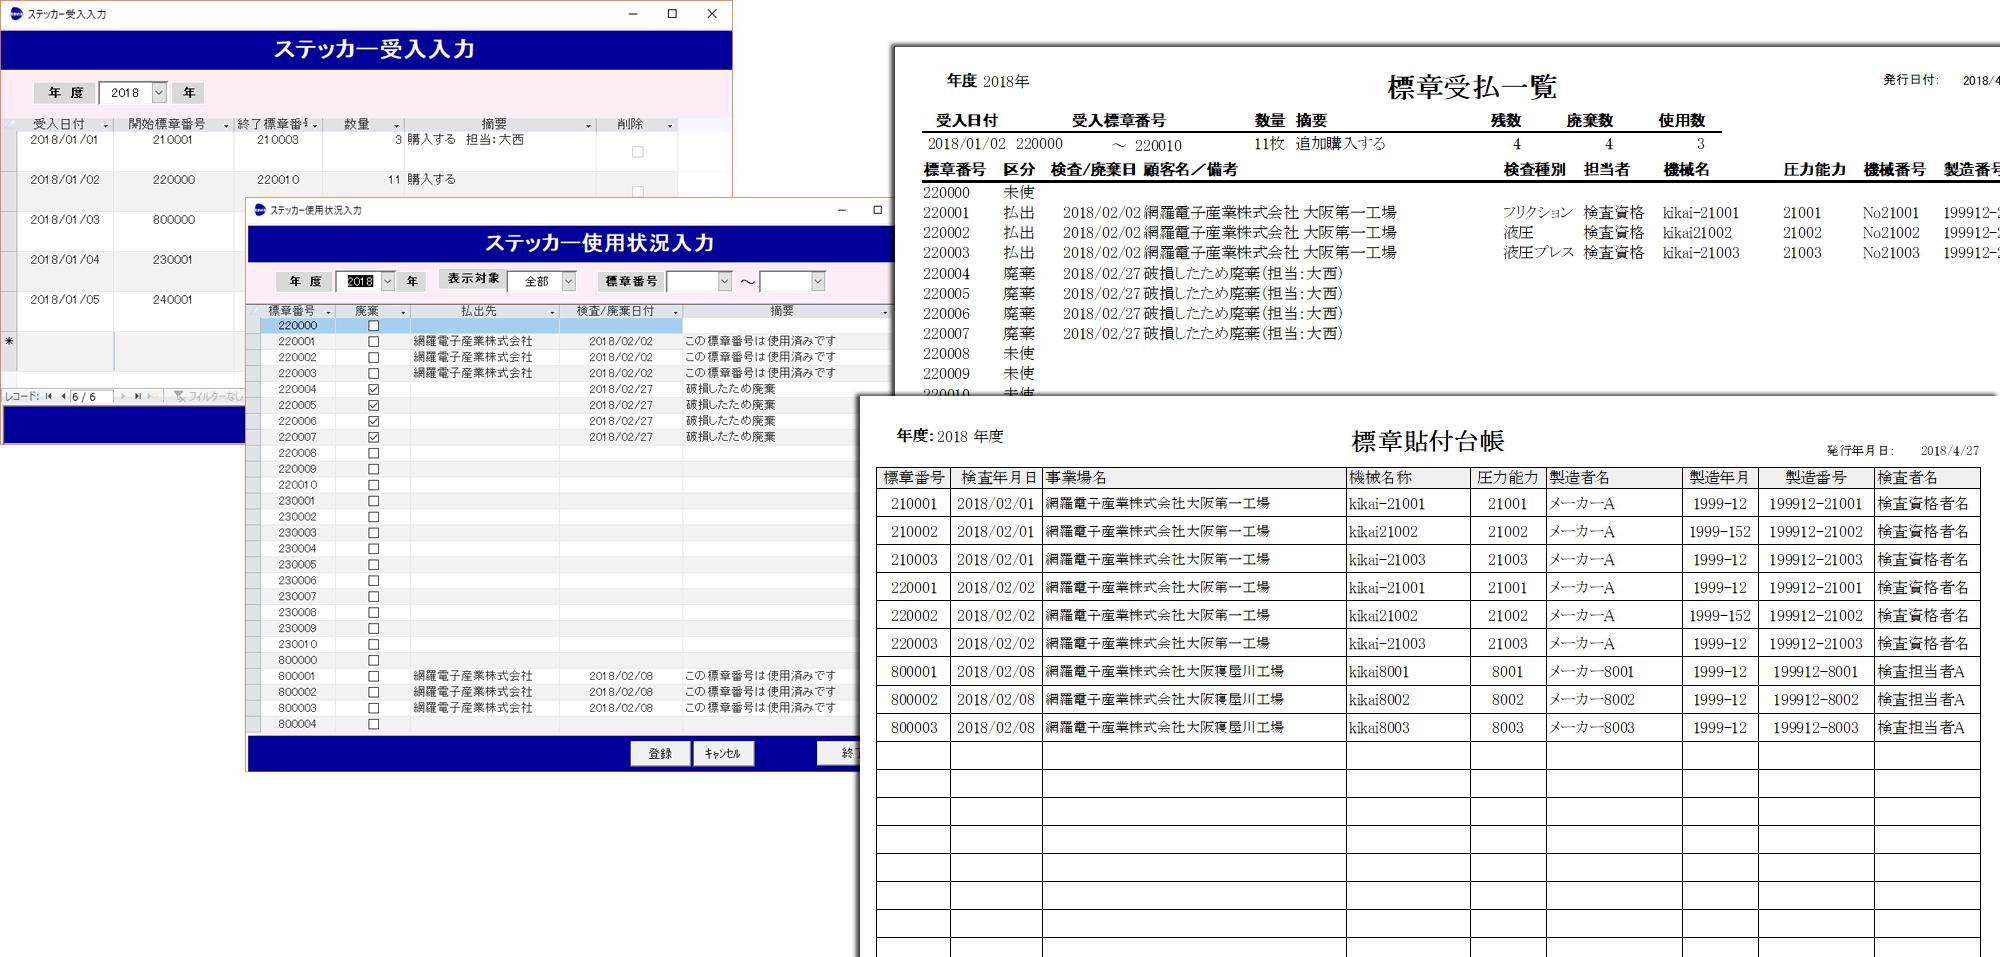 動力プレス機械特定自主検査チェックリスト発行システム清書納言 標章ステッカー管理